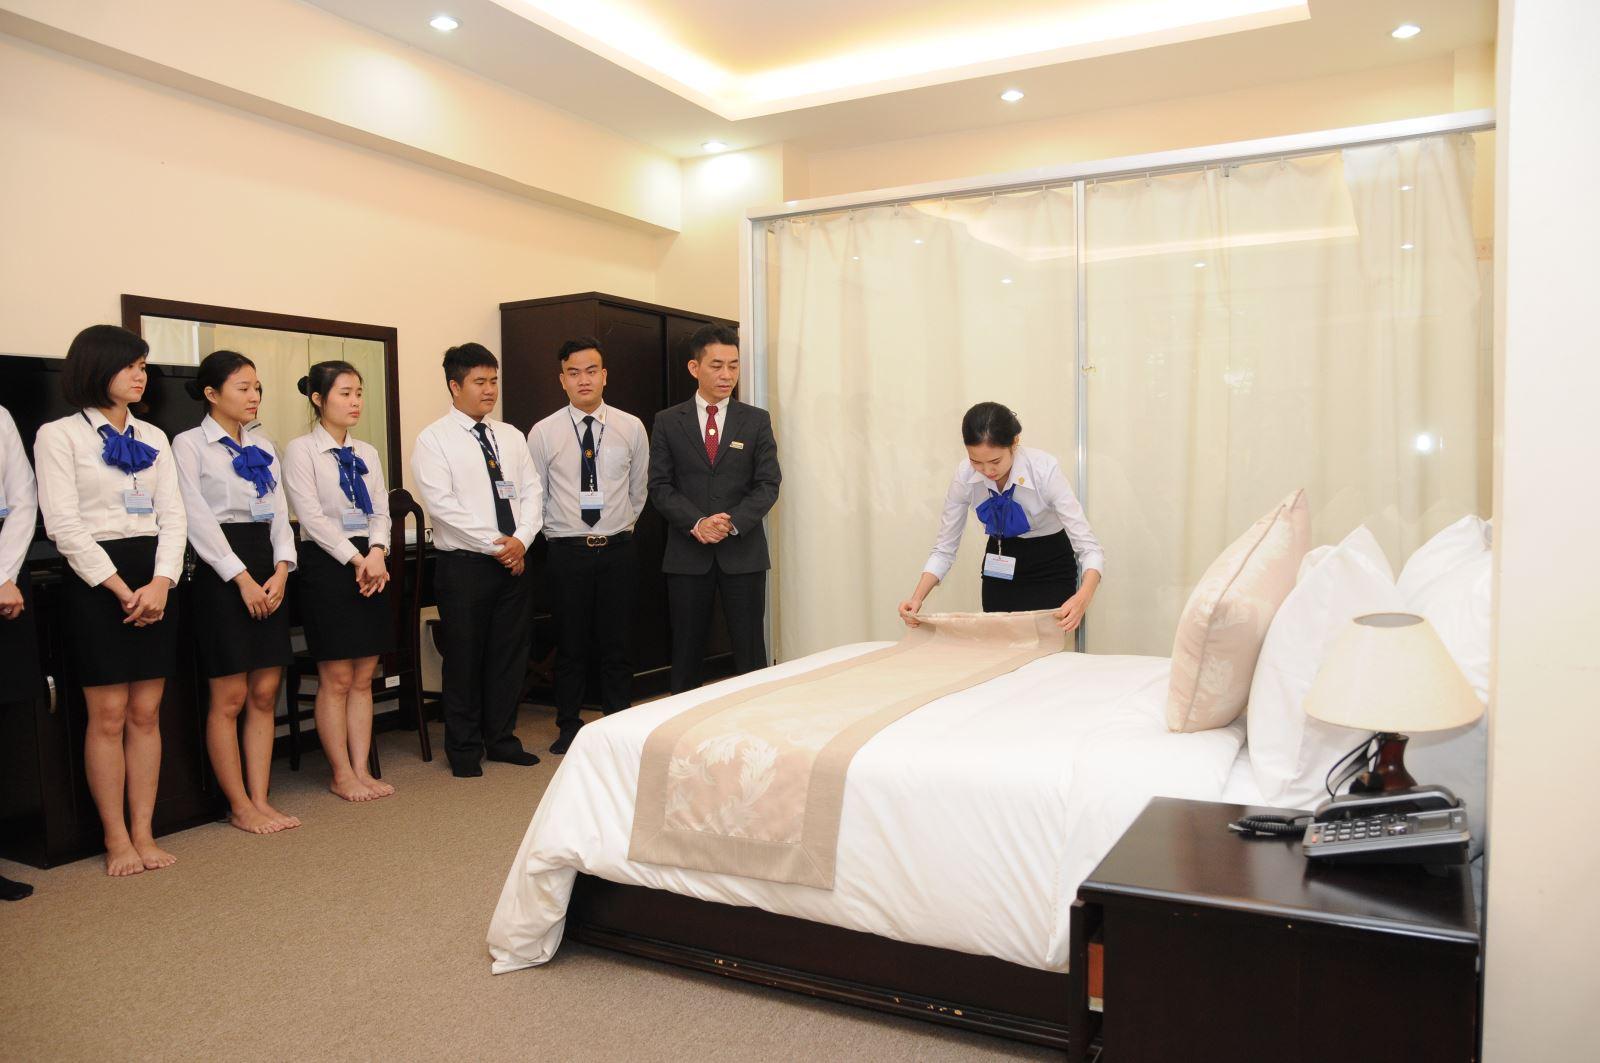 việc làm khách sạn tại hà nội